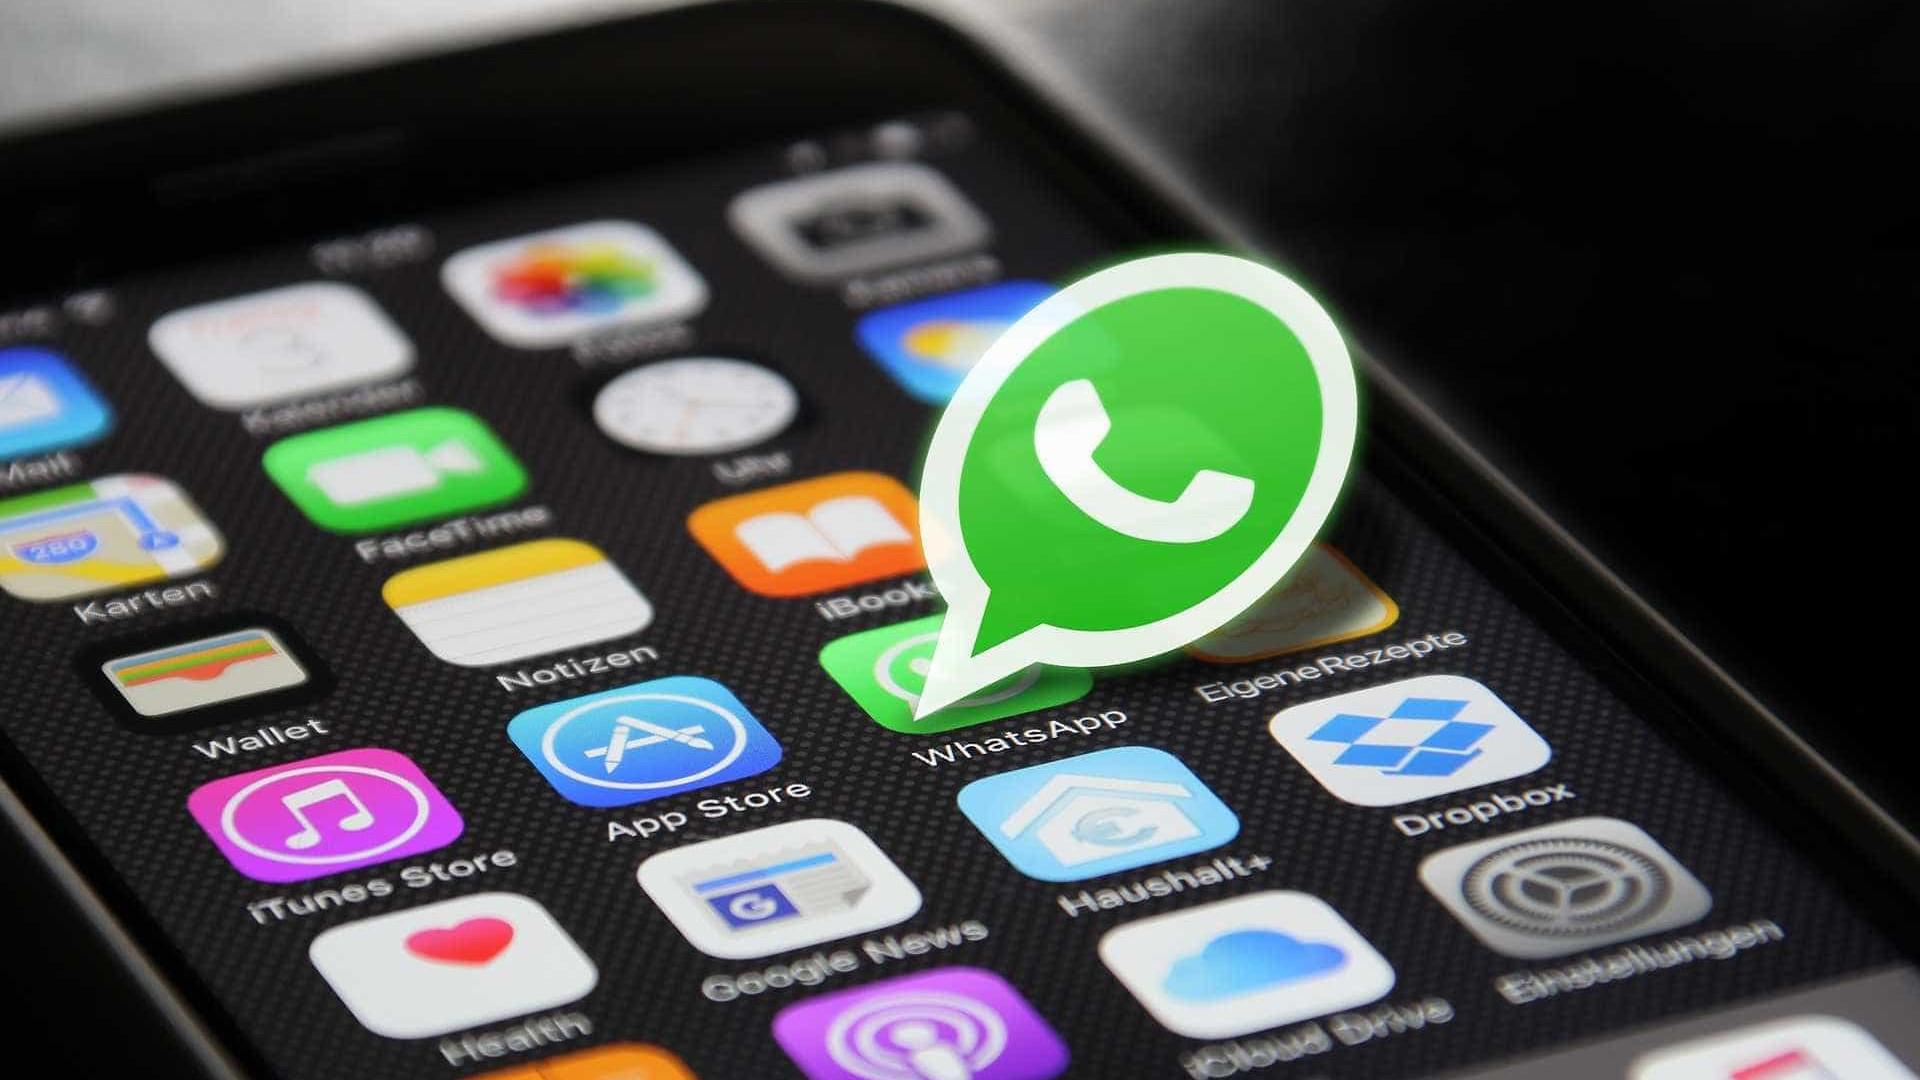 Novo golpe do WhatsApp forja cupom de desconto da rede 'O Boticário'